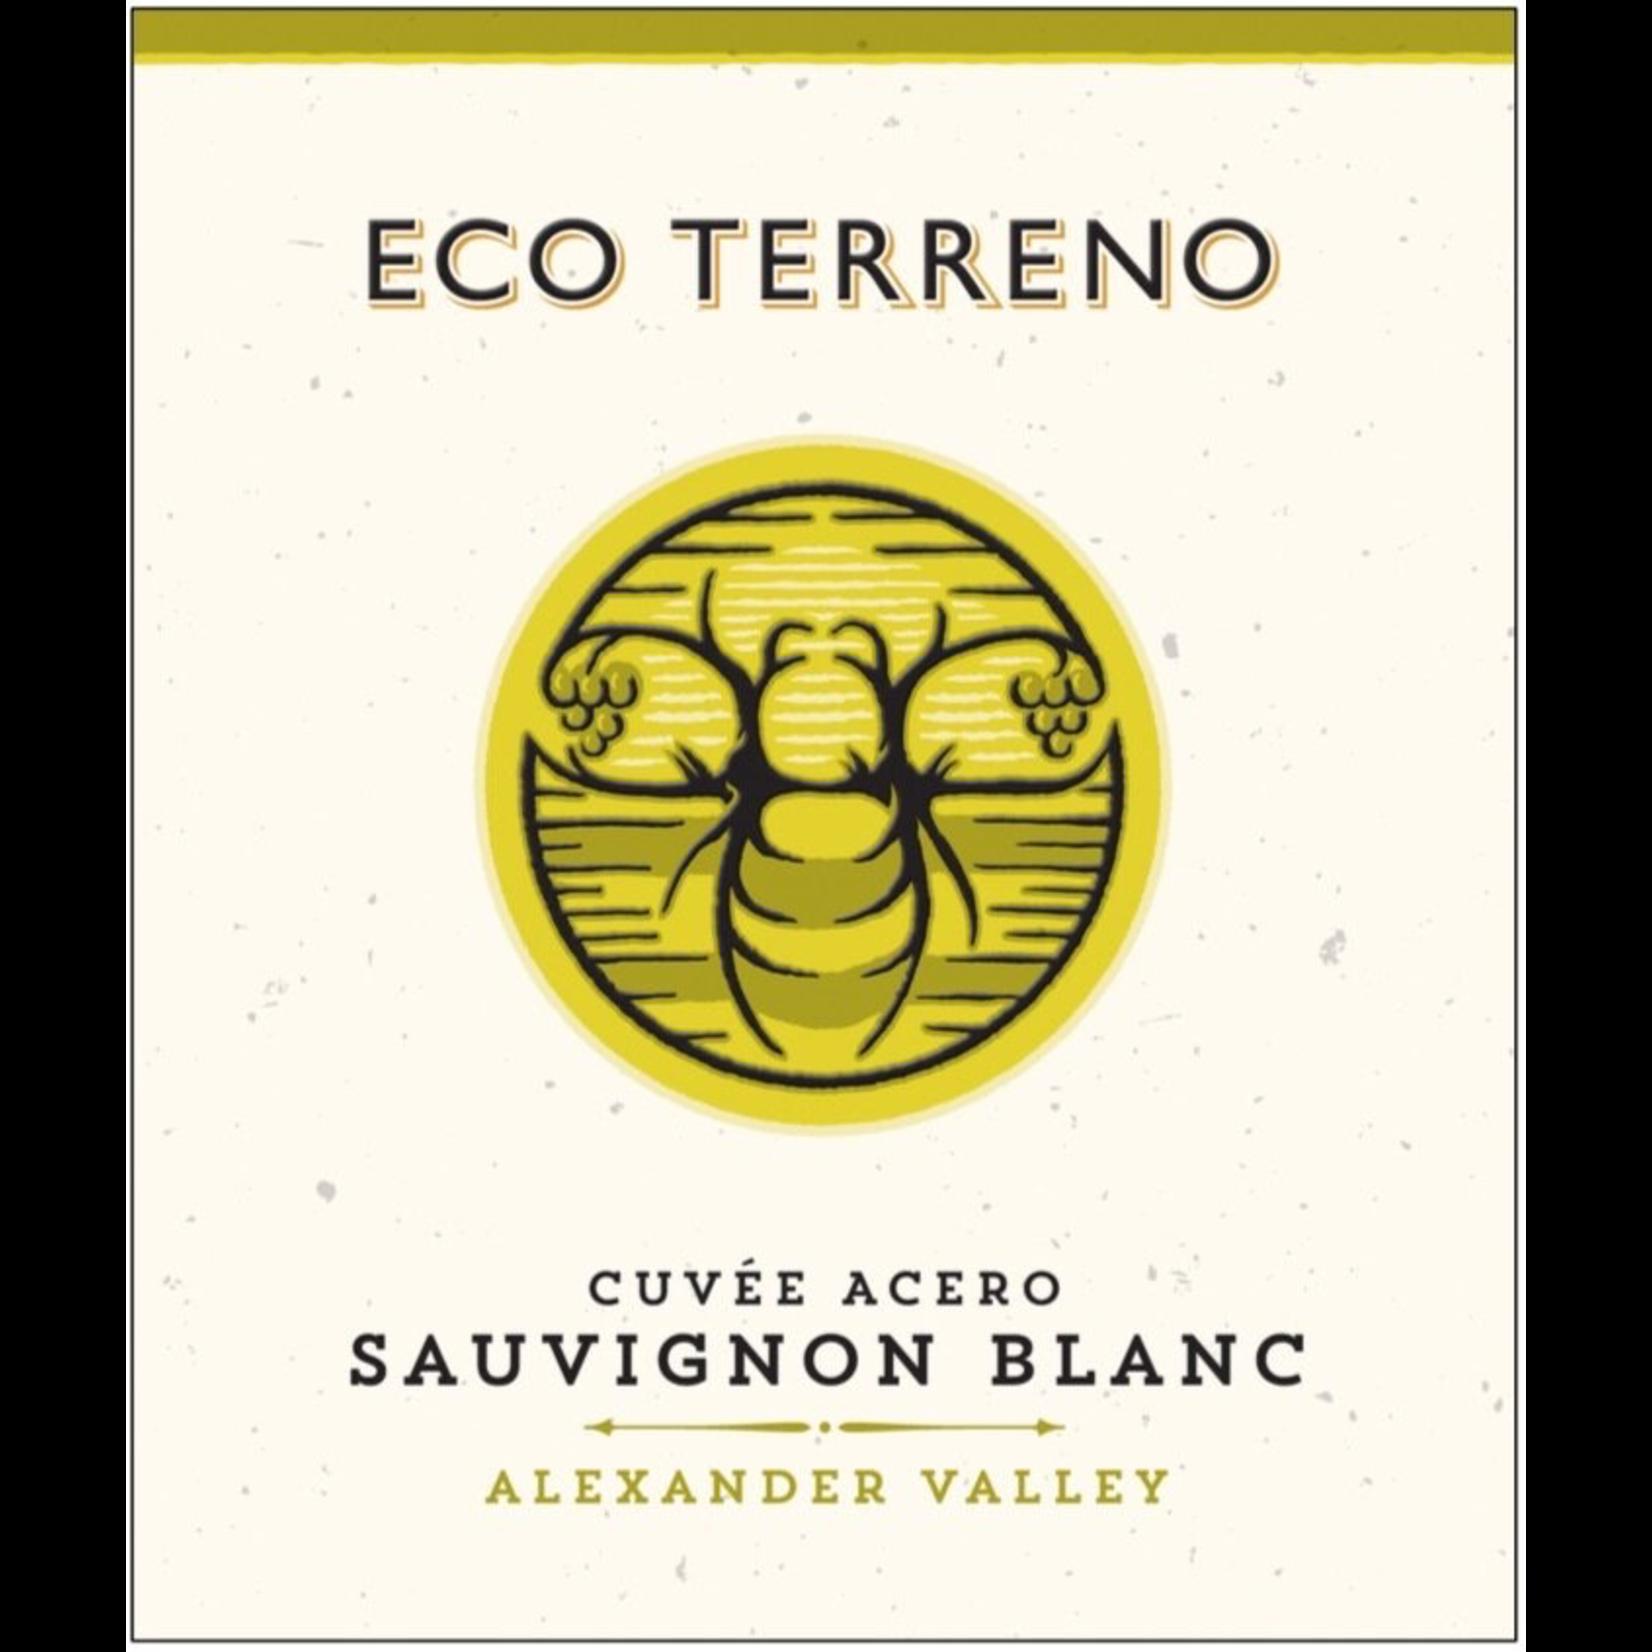 Eco Terreno Sauvignon Blanc Cuvee Acero 2016